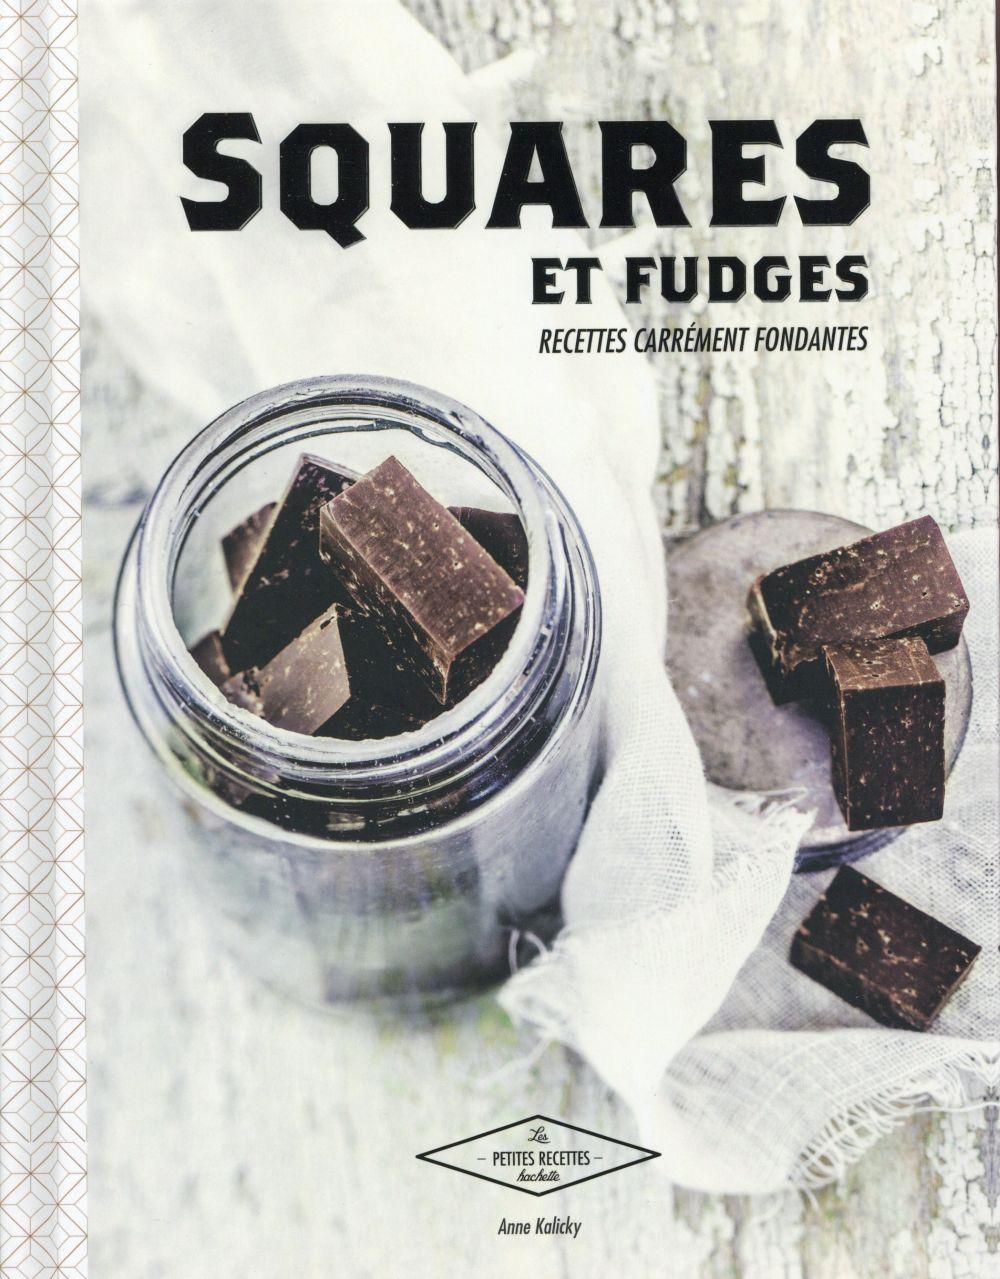 Squares et fudges